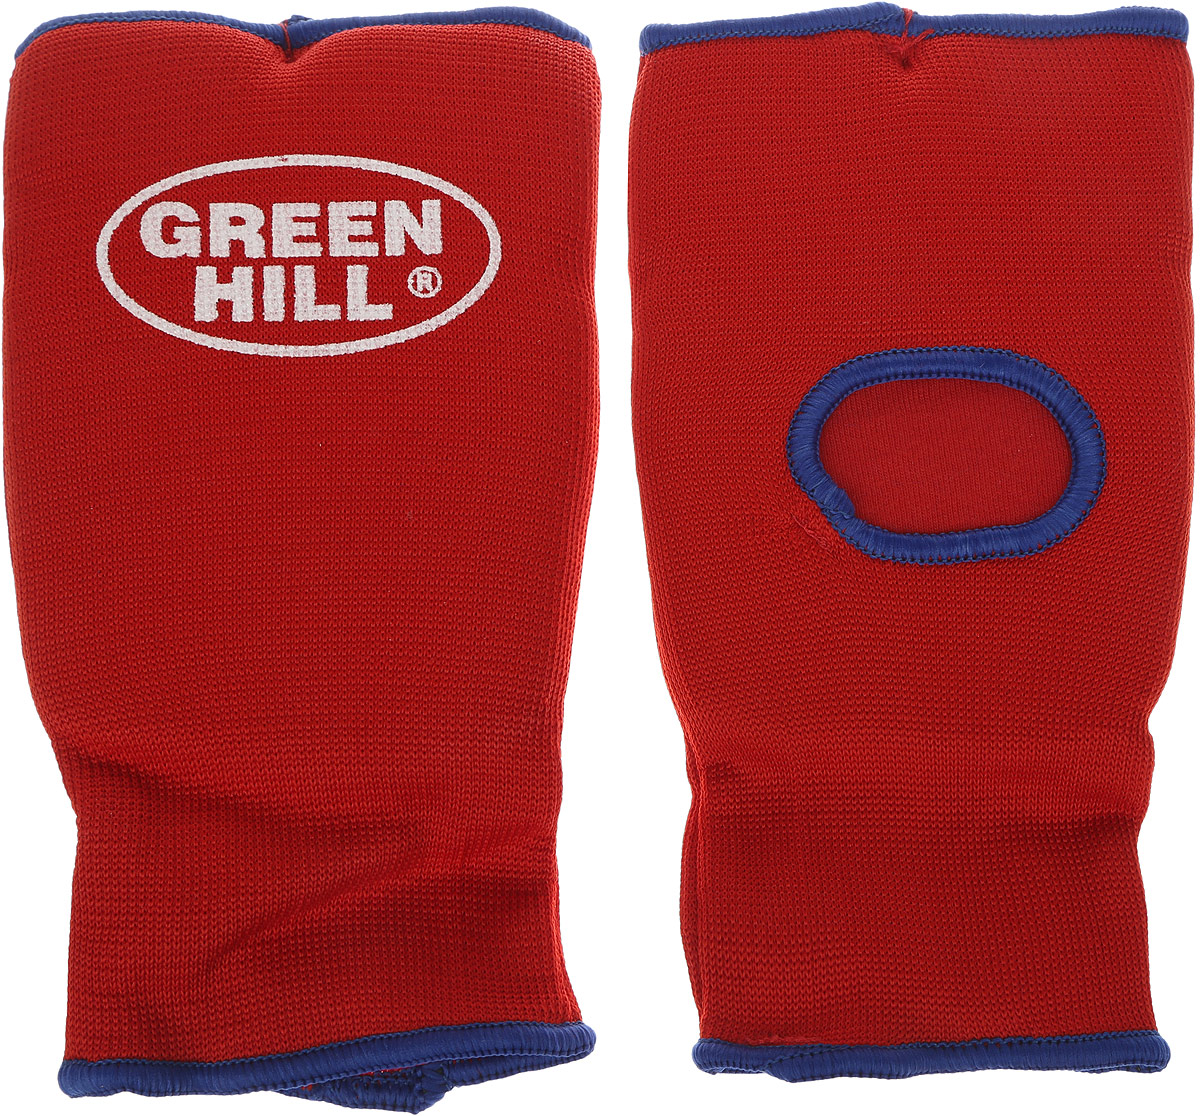 Защита на кисть Green Hill, цвет: красный, синий. Размер XL. HP-0053HP-0053Защита на кисть Green Hill предназначена для занятий различными видами единоборств. Она защищает руки от синяков, вывихов и ушибов. Защита изготовлена из хлопка с эластаном, мягкие вкладки изготовлены из вспененного полимера. Растягивается до 40%.